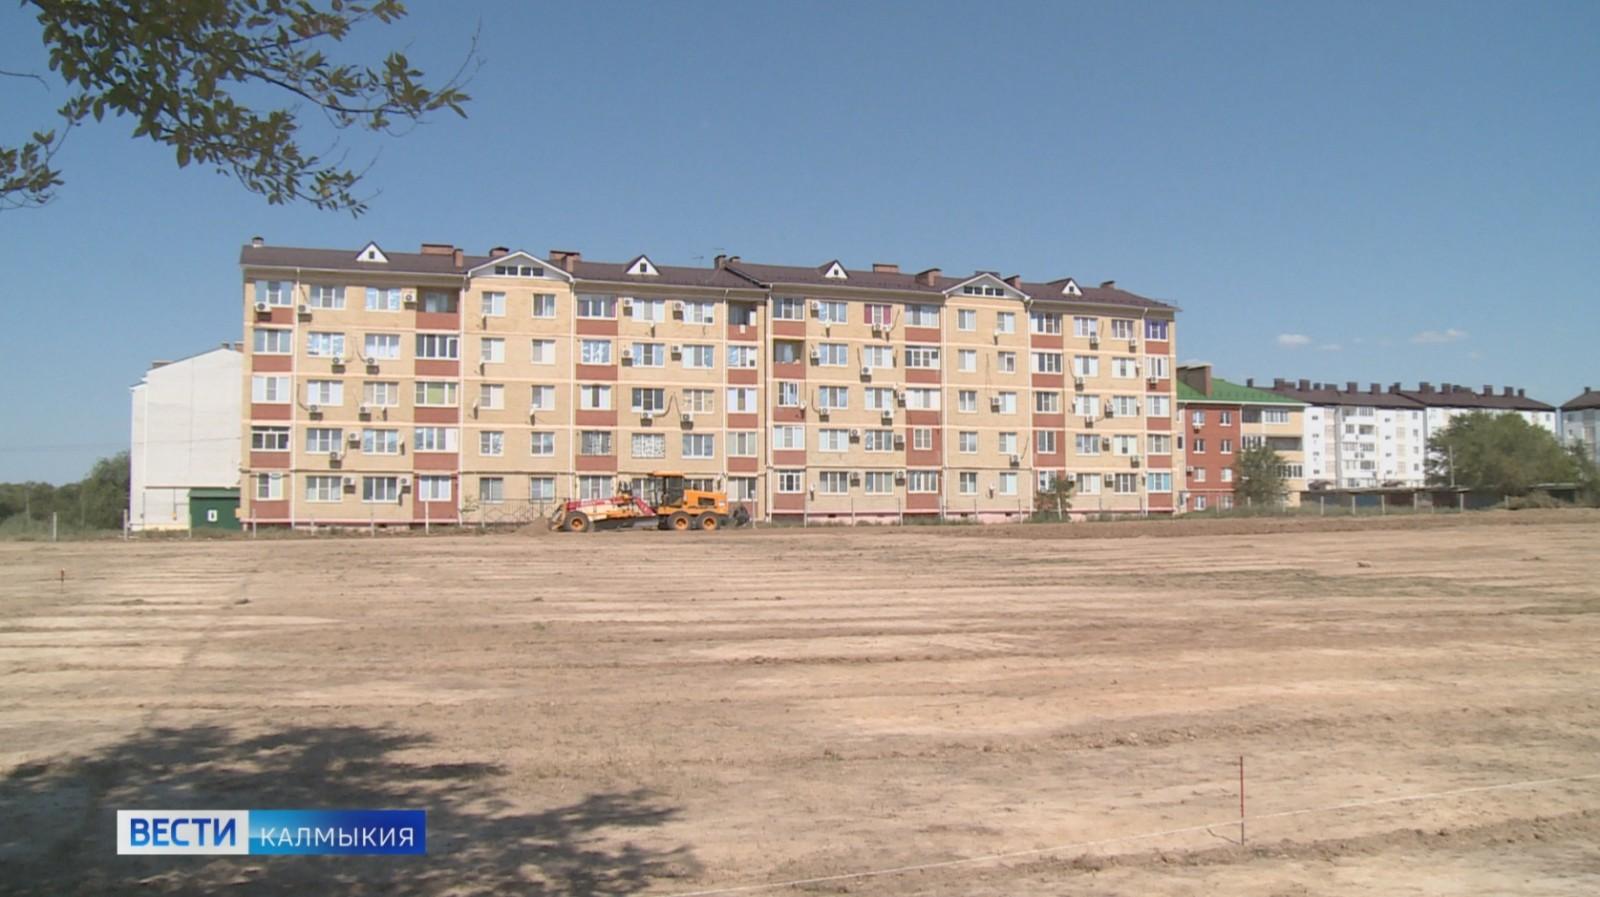 В северо-западном районе города начались работы по обустройству нового спорткомплекса